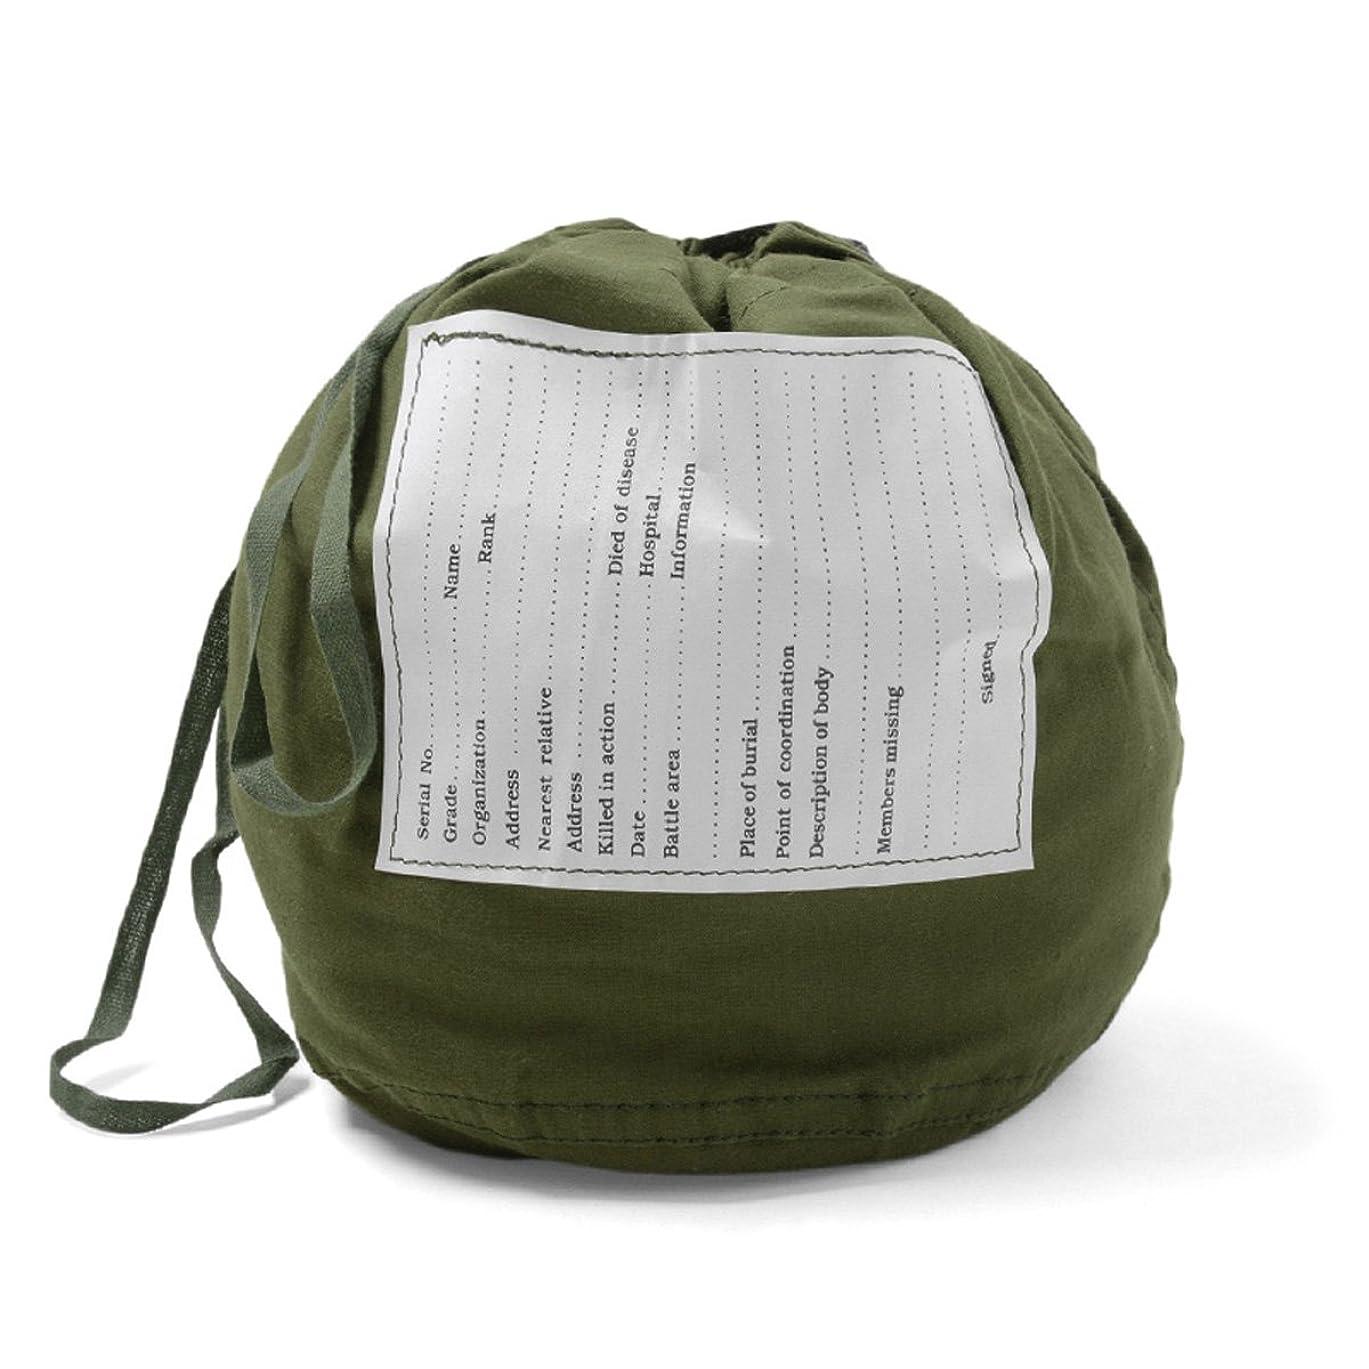 潜在的な浸す凝視実物 新品 米軍 パーソナルエフェクツバッグ #2